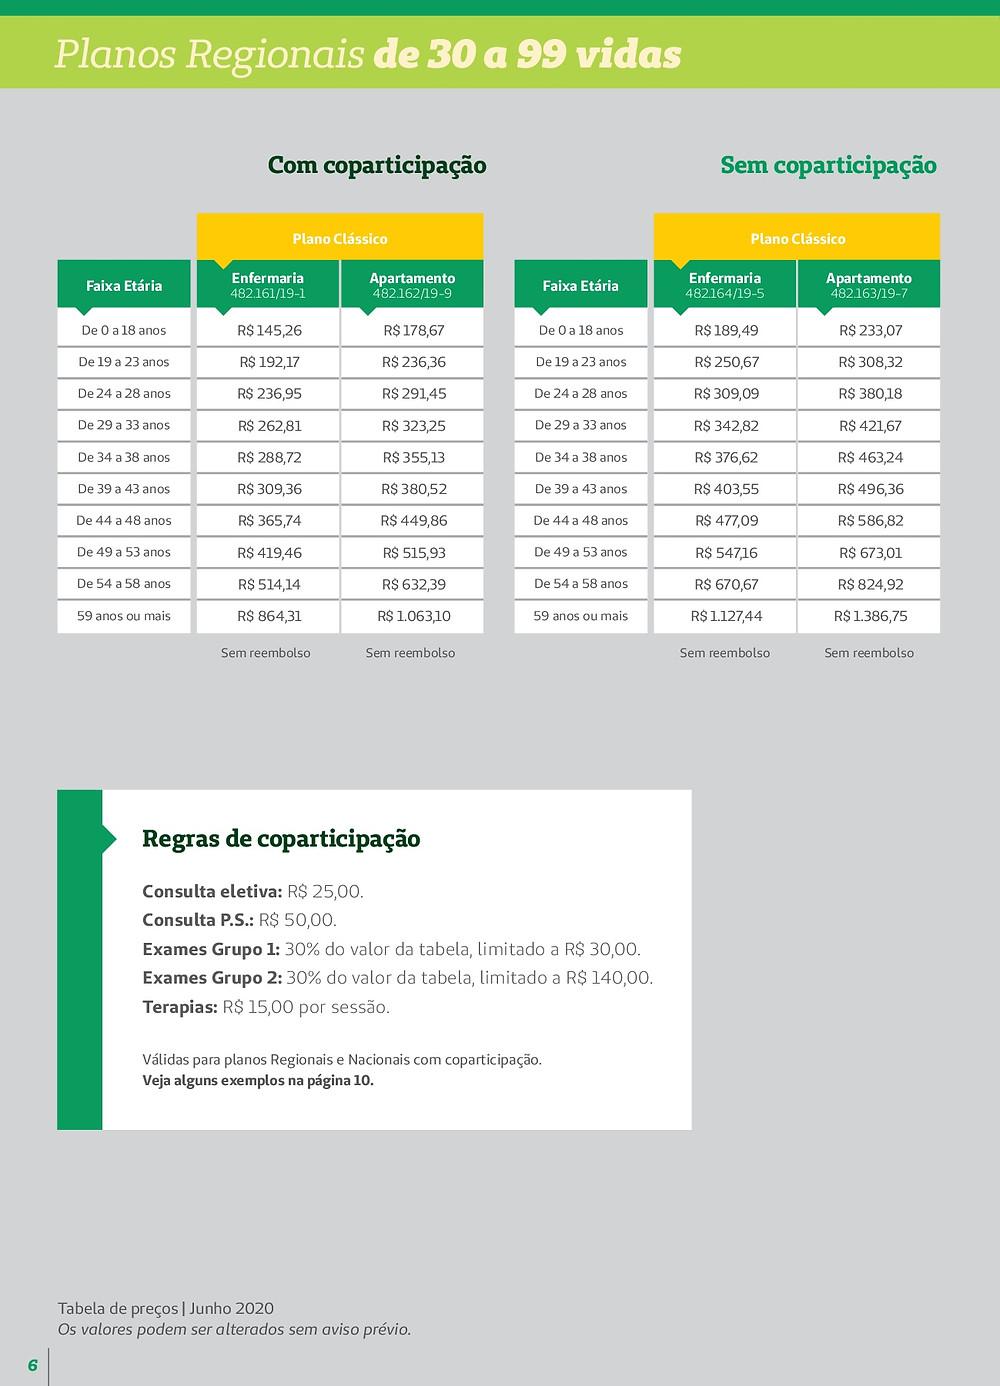 Tabelas de Preços Unimed plano de saúde, corporativo, empresa, funcionário